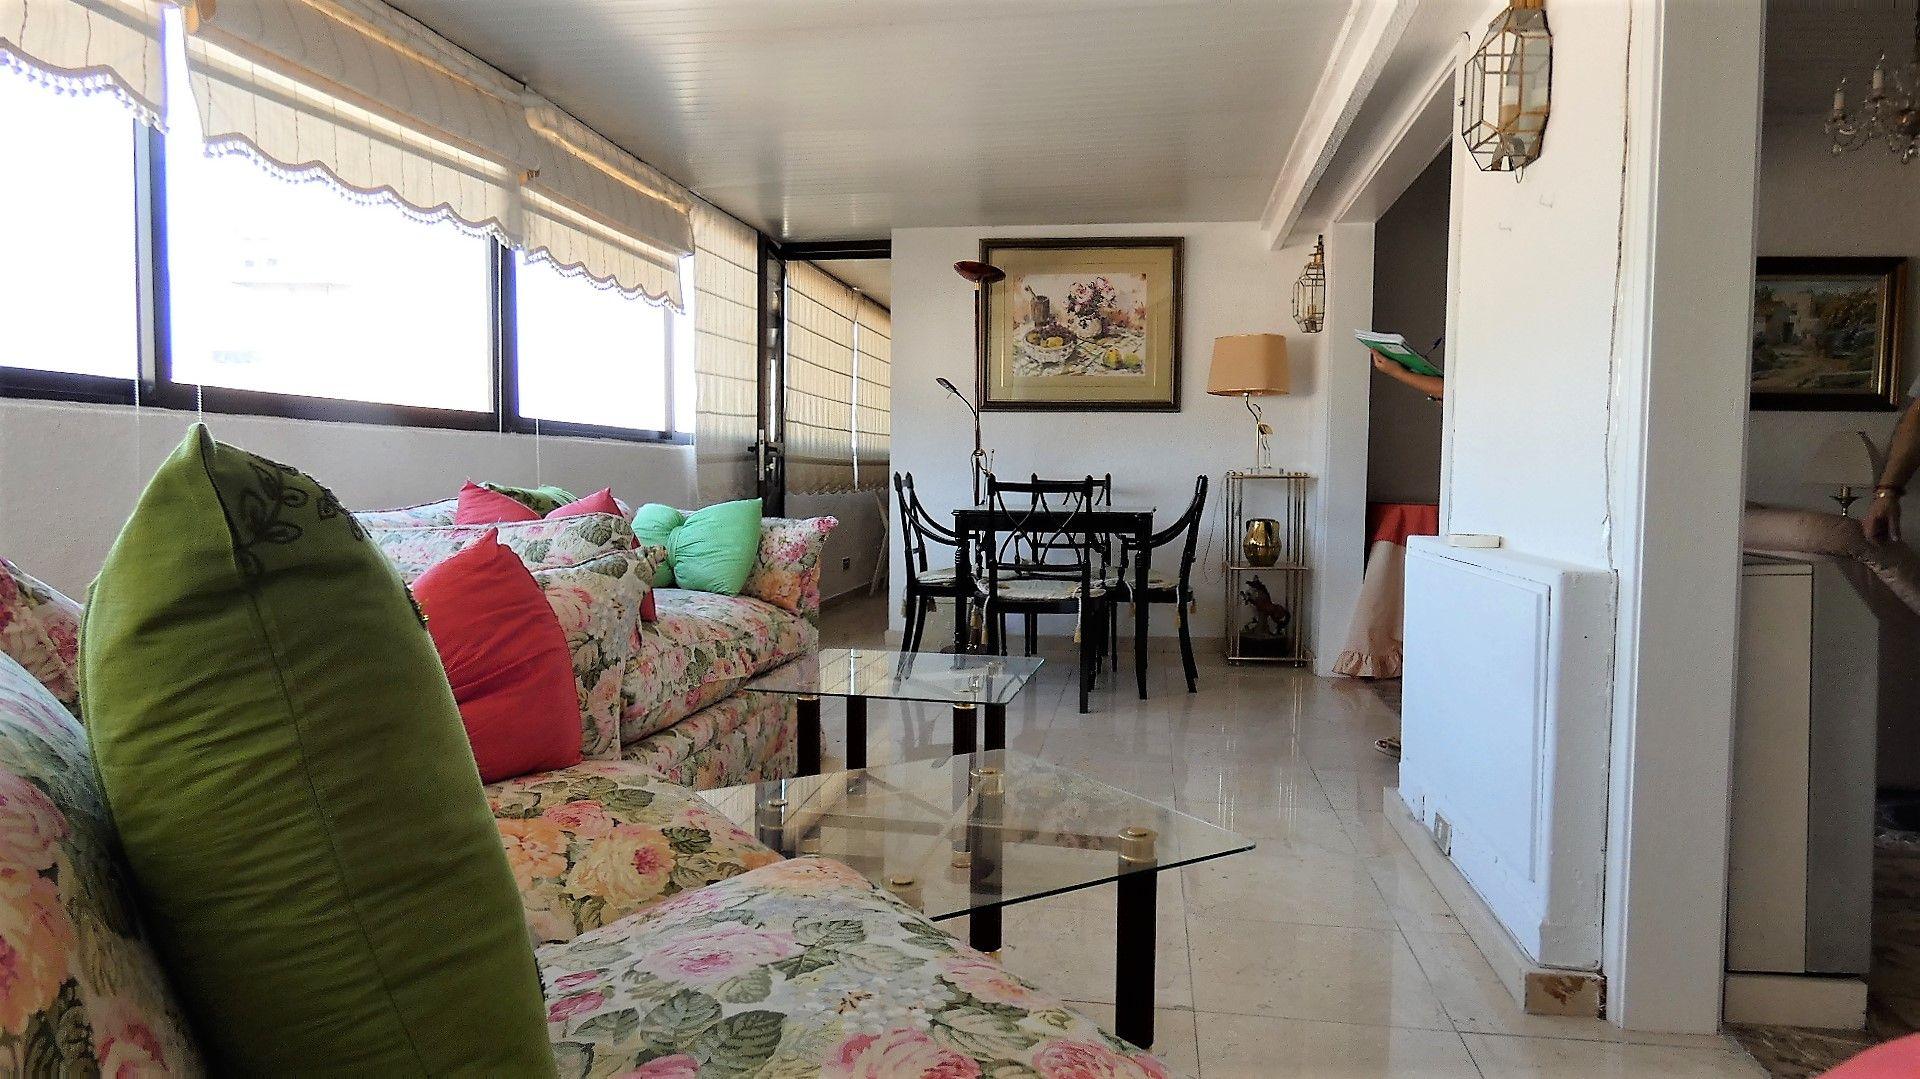 Piso en Santa Cruz de Tenerife, SANTA CRUZ CENTRO, alquiler